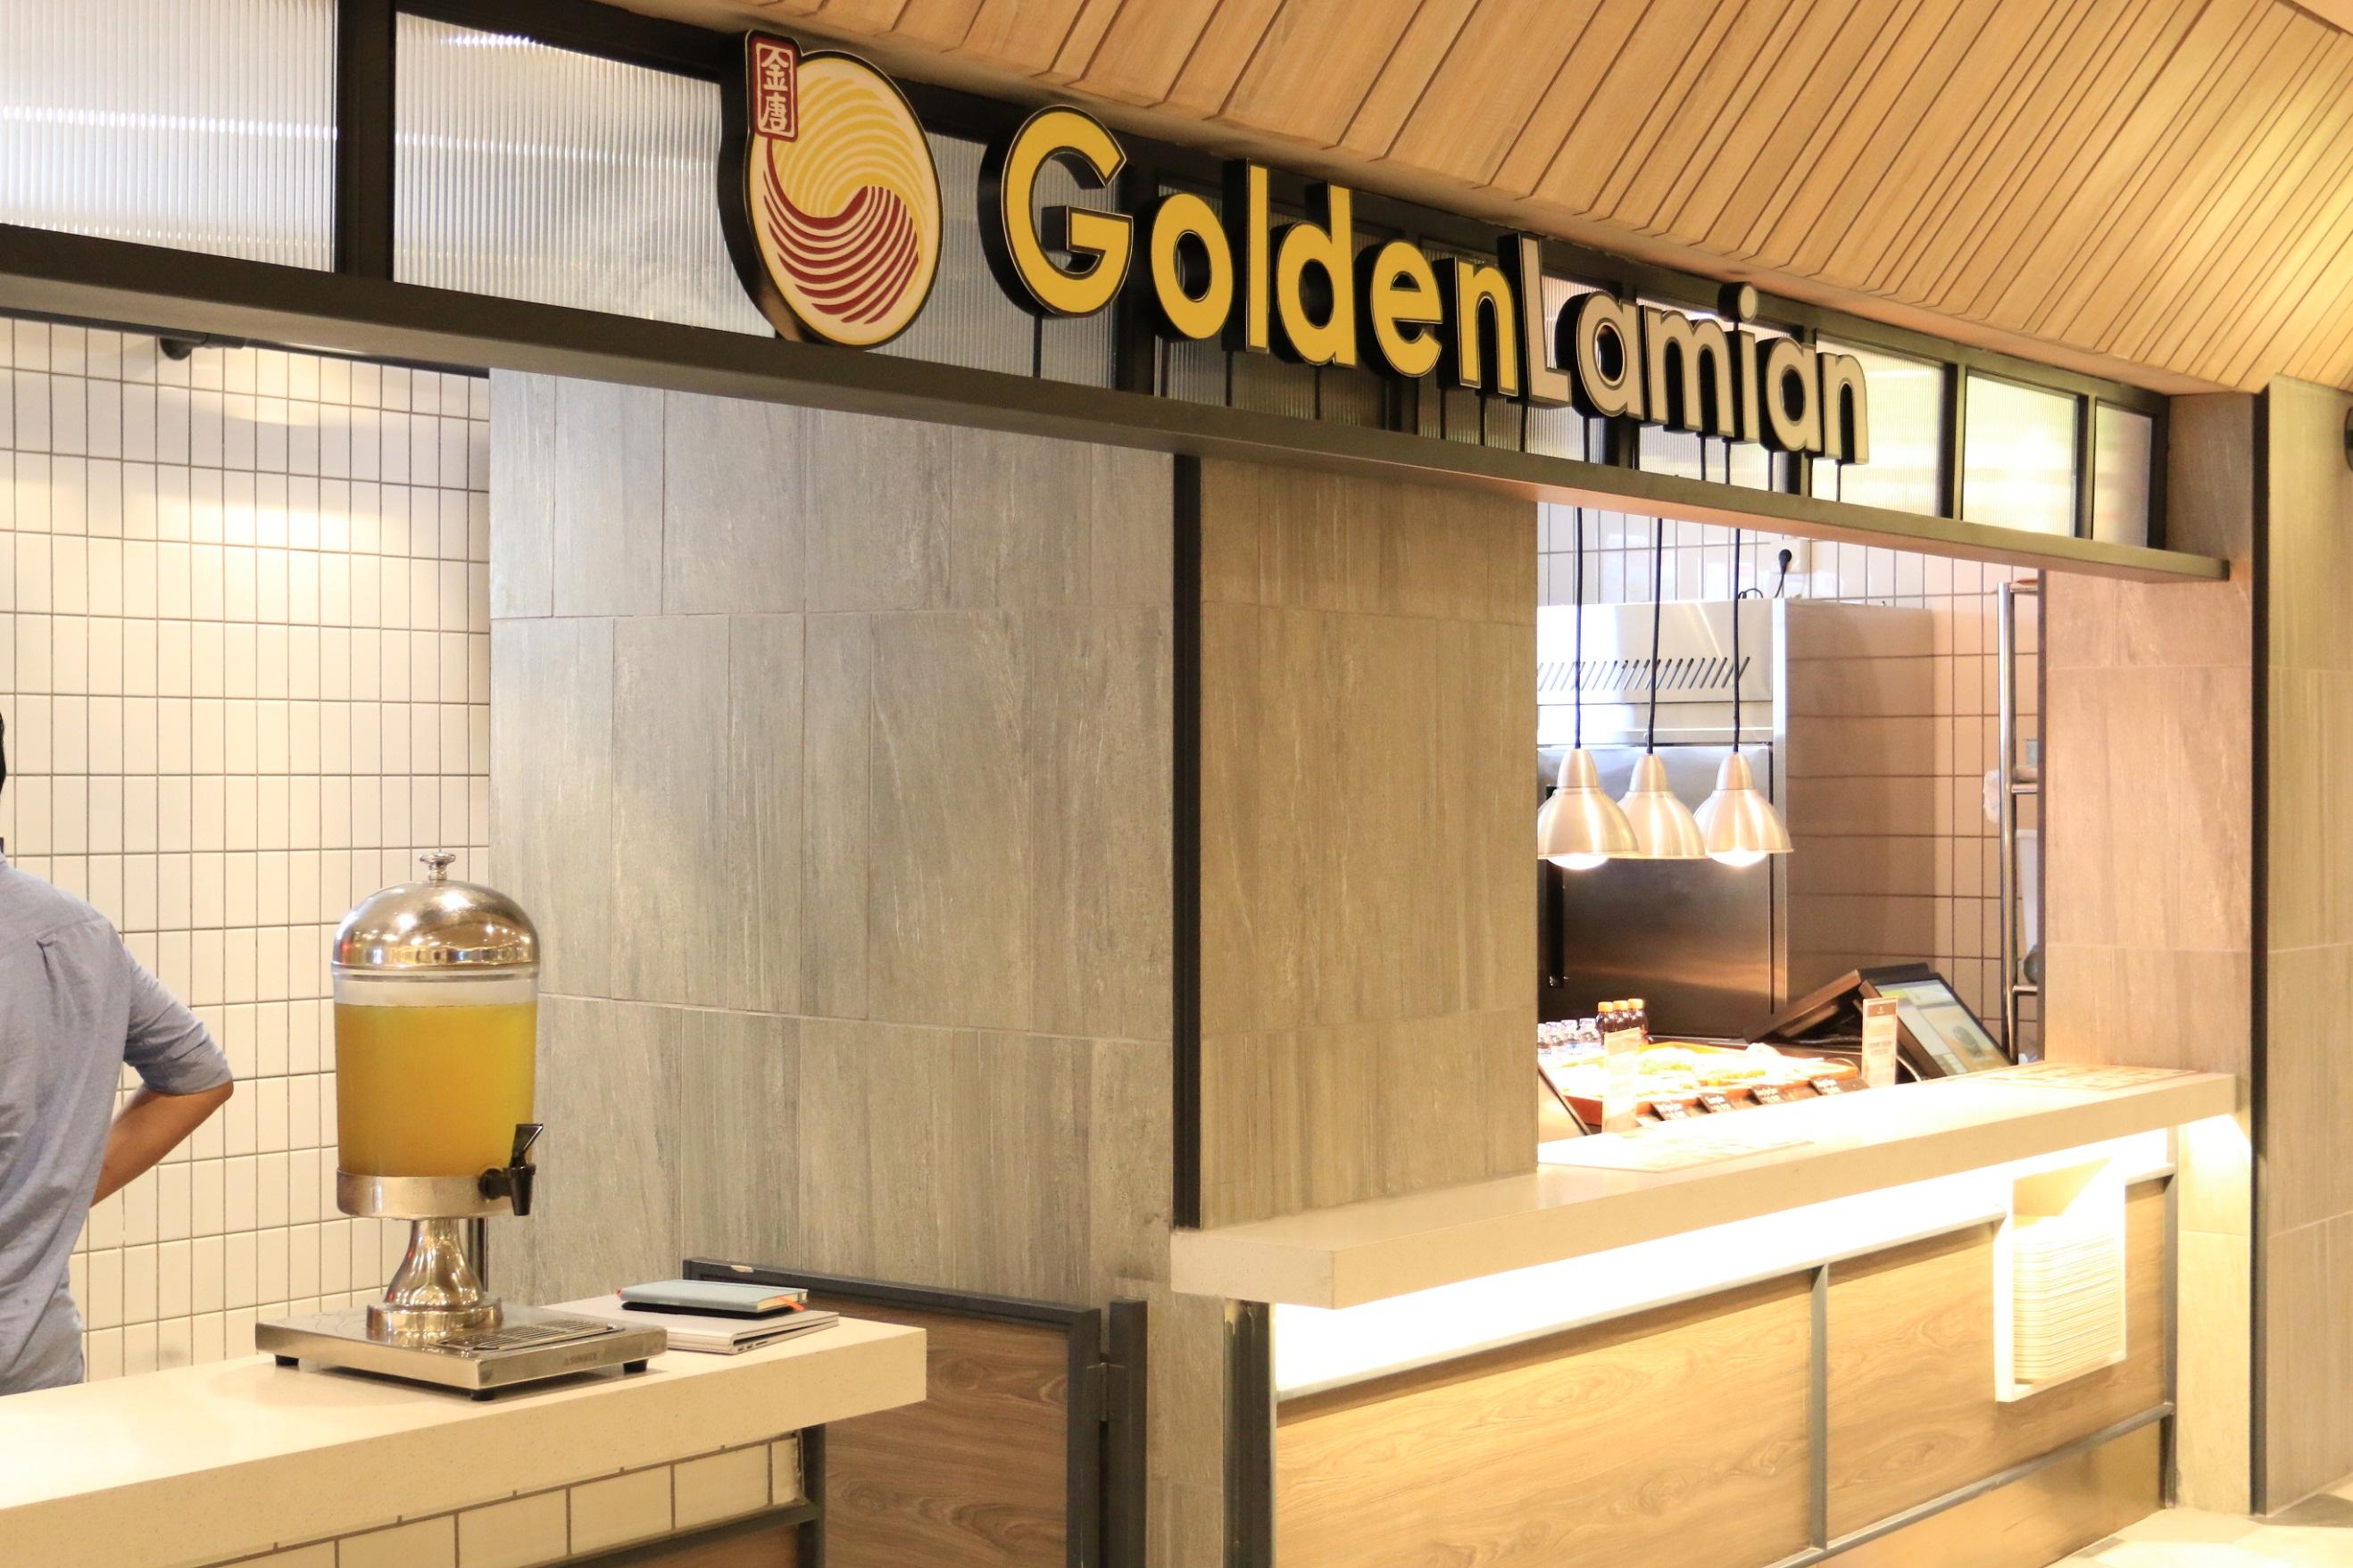 golden century lamien dim sum express - grand indonesia